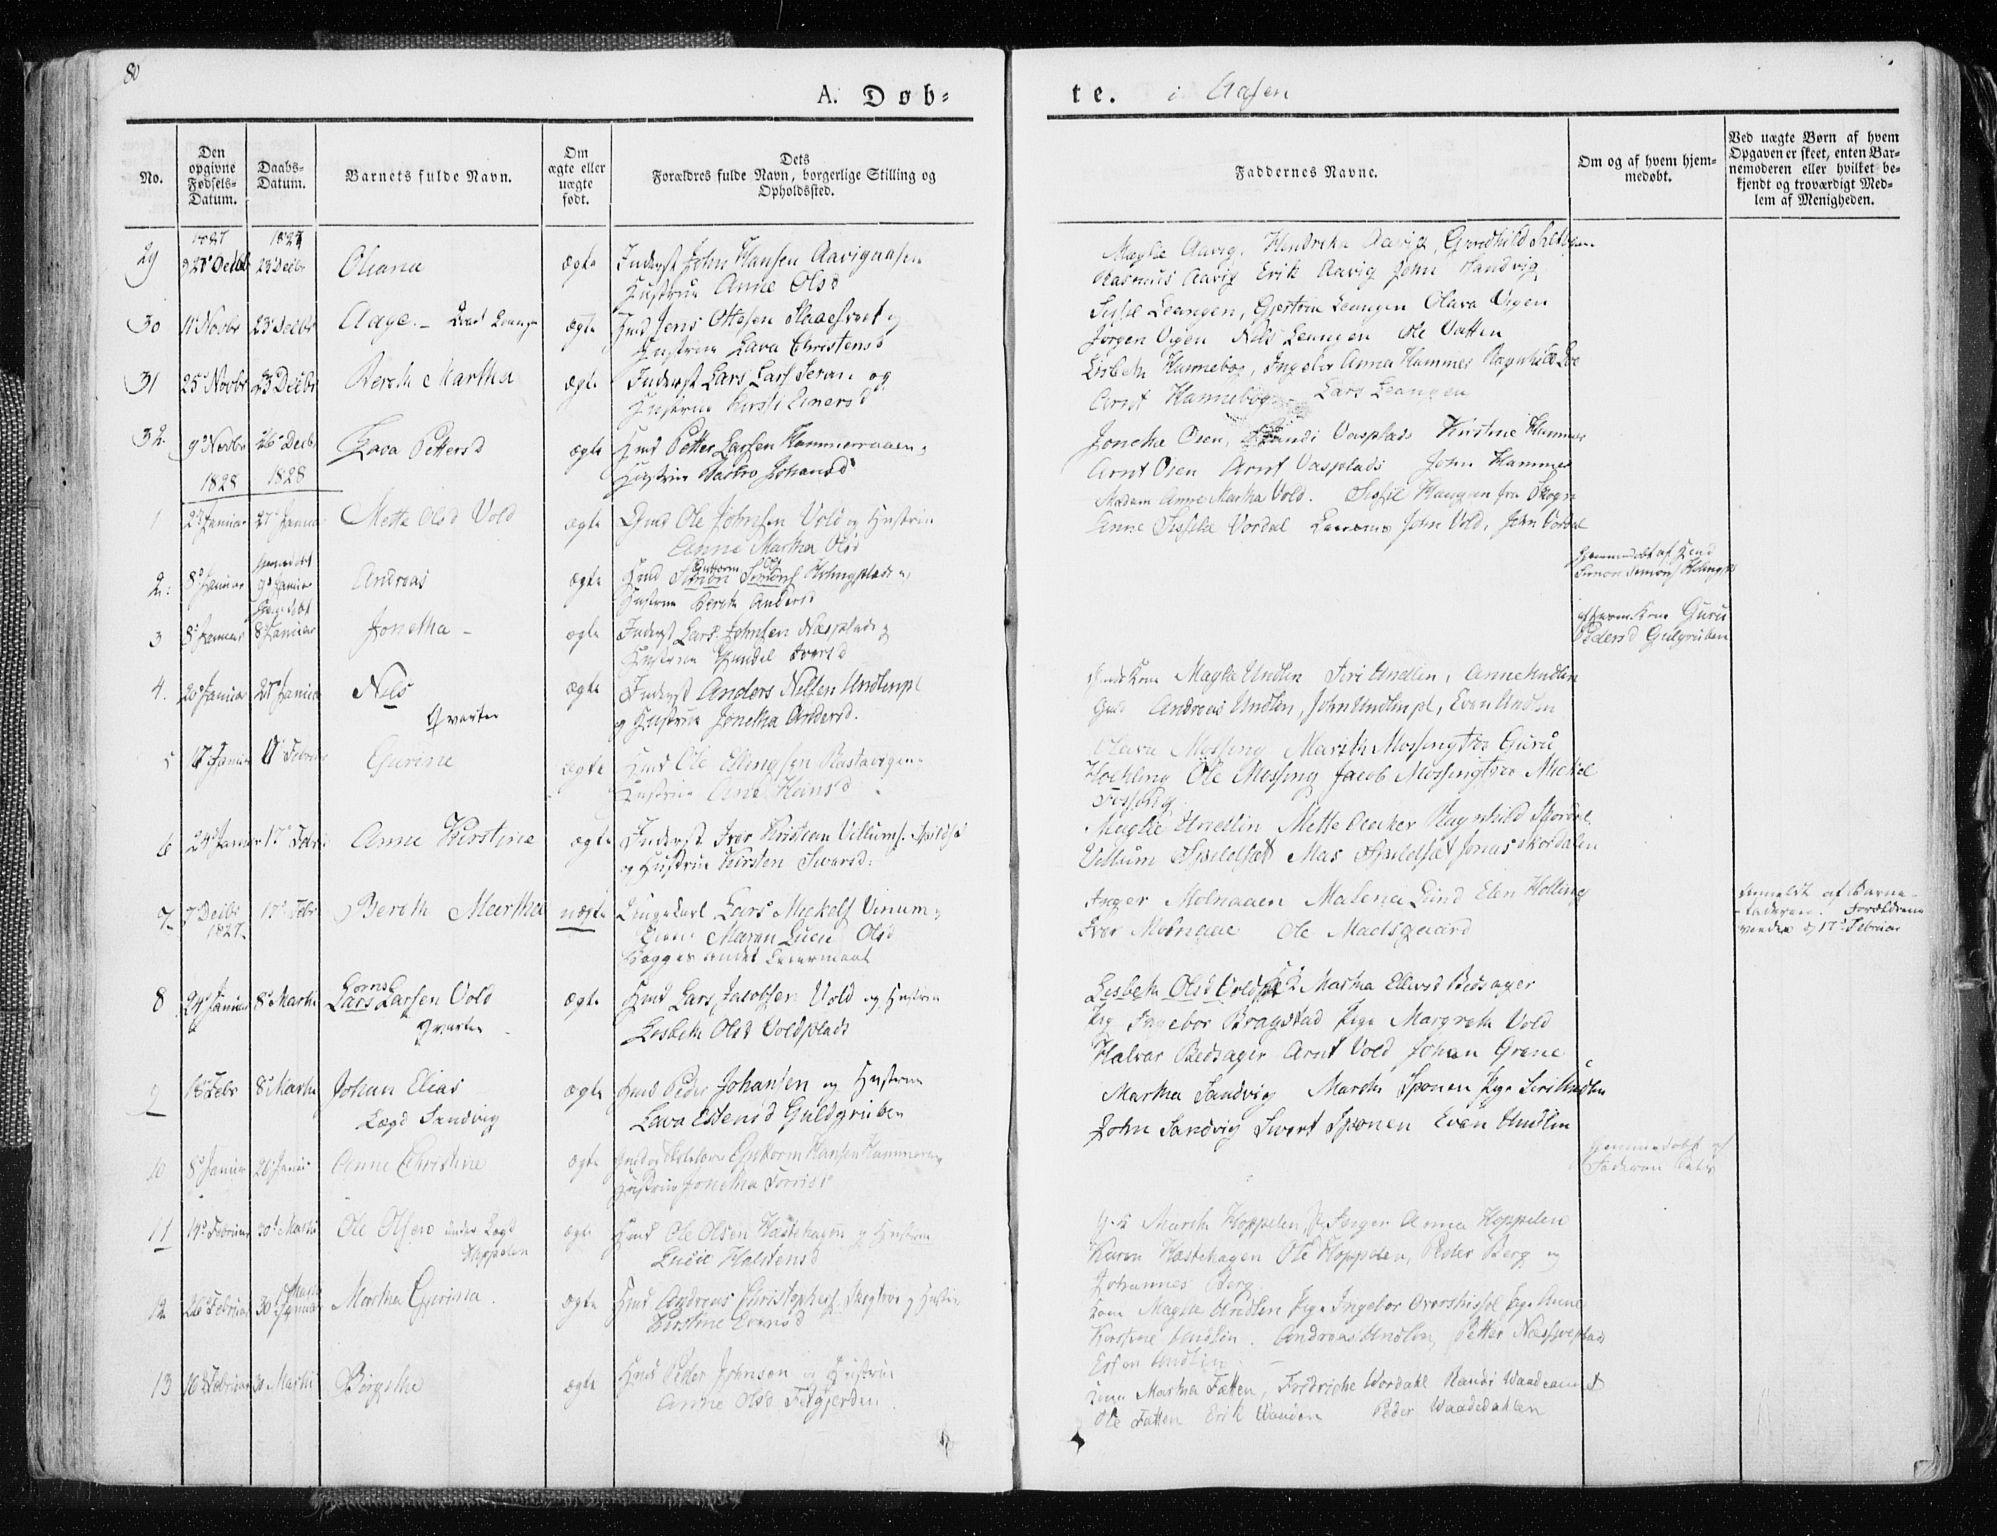 SAT, Ministerialprotokoller, klokkerbøker og fødselsregistre - Nord-Trøndelag, 713/L0114: Ministerialbok nr. 713A05, 1827-1839, s. 80